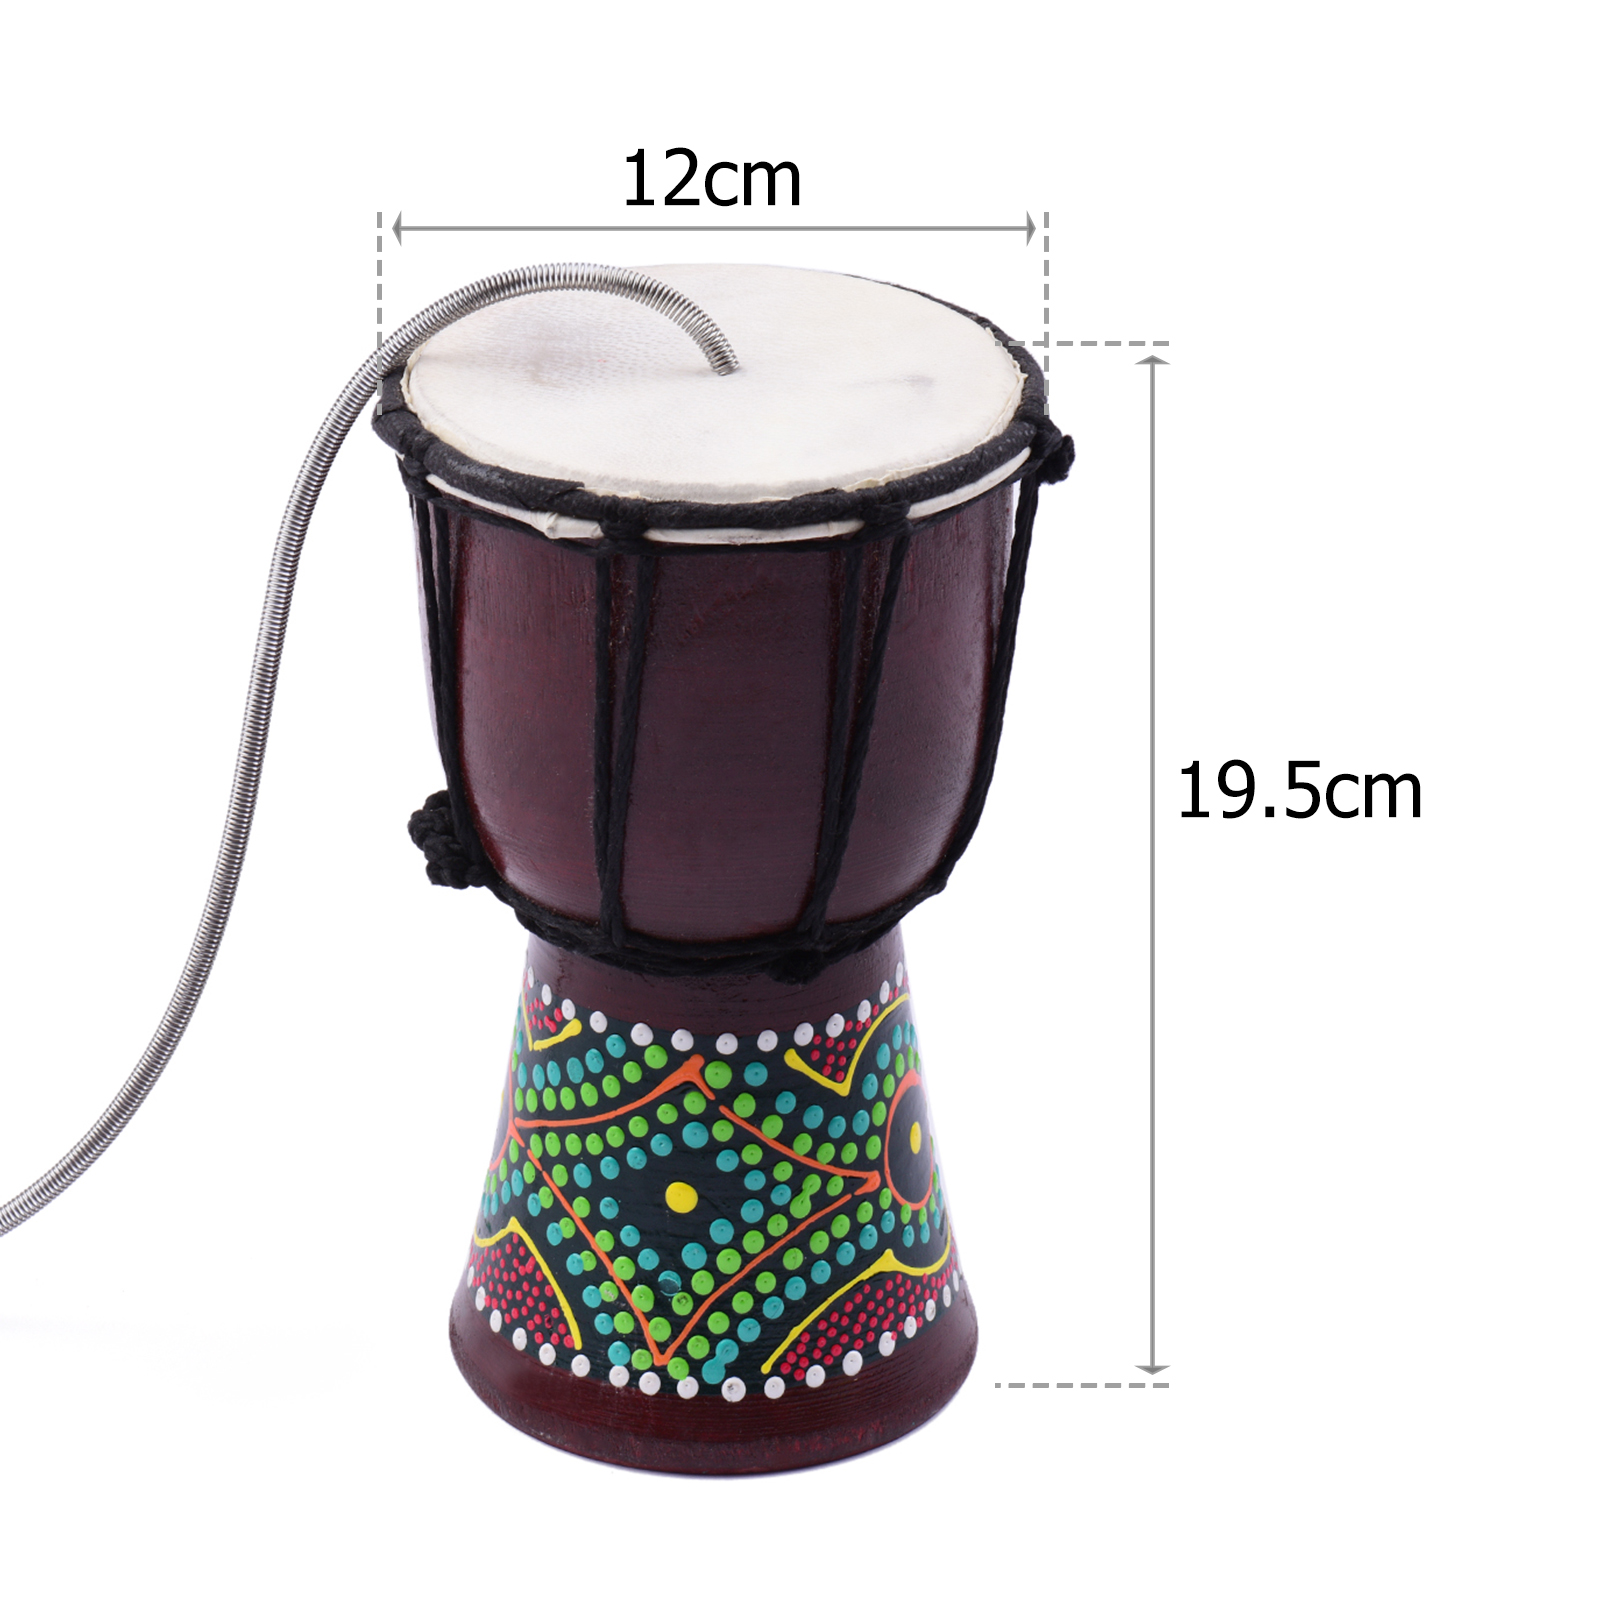 fabricante tambor de percussão brinquedo musical para